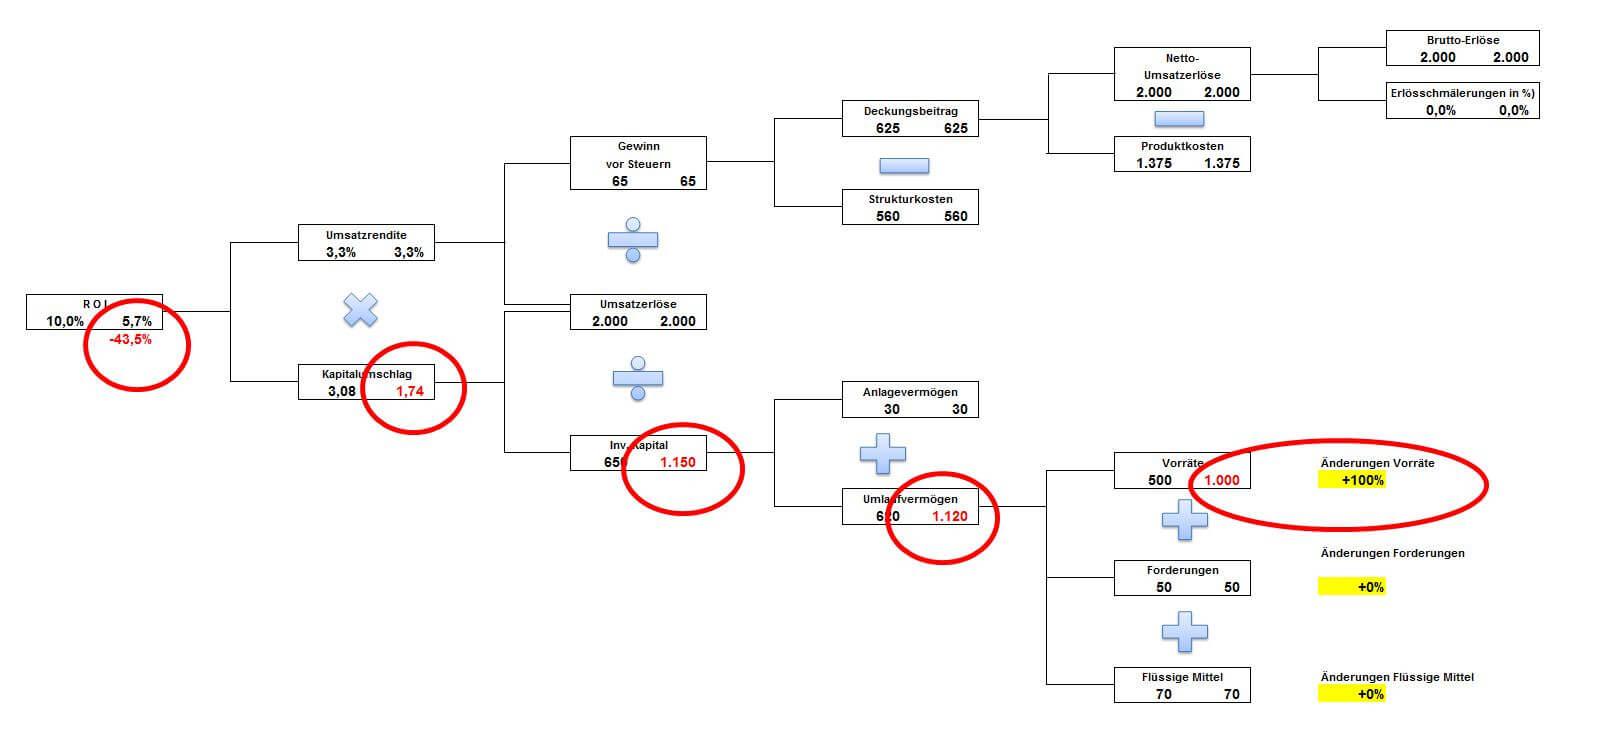 Der ROI-Baum zeigt die Auswirkungen bei der XYZ-Analyse